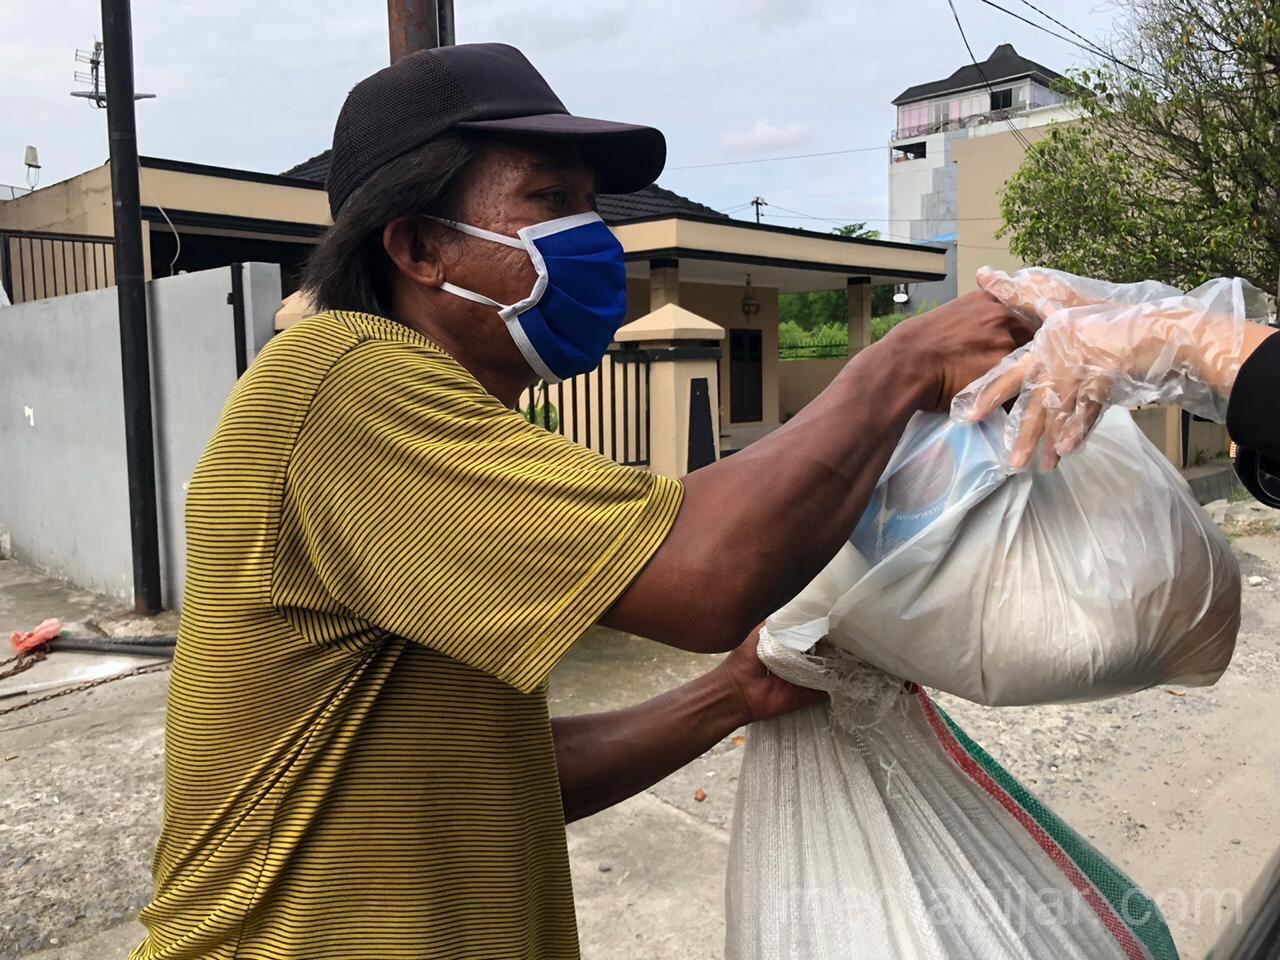 Pembagian sembako dilakukan dengan menaati protokol kesehatan seperti menggunakan masker dan sarung tangan serta menghindari keramaian 18/5. (Fotografer: Talitha Nabilah)